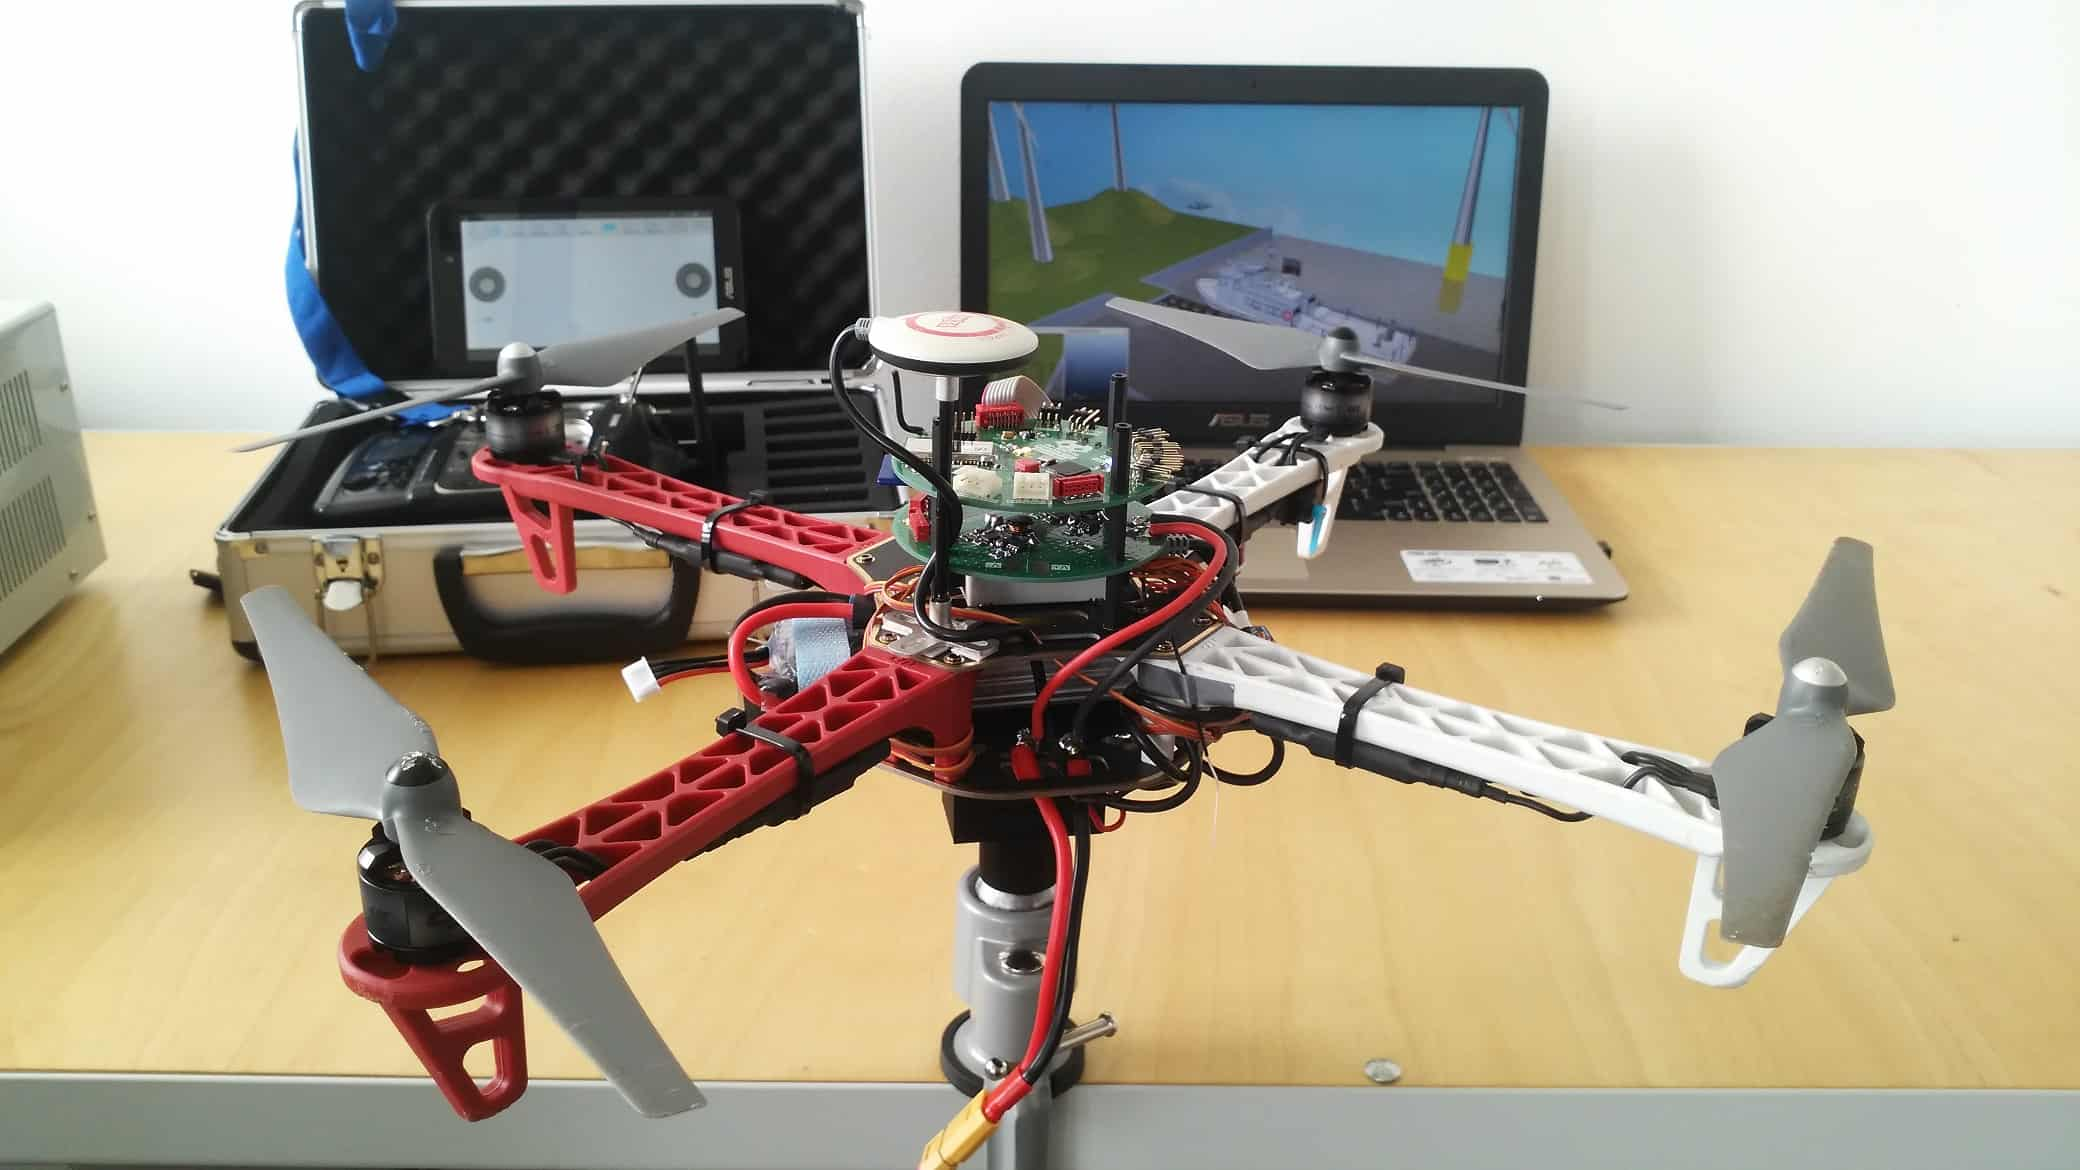 AI-QUADRO - Stanowisko do badania sys. ster. platform wielowirnikowych